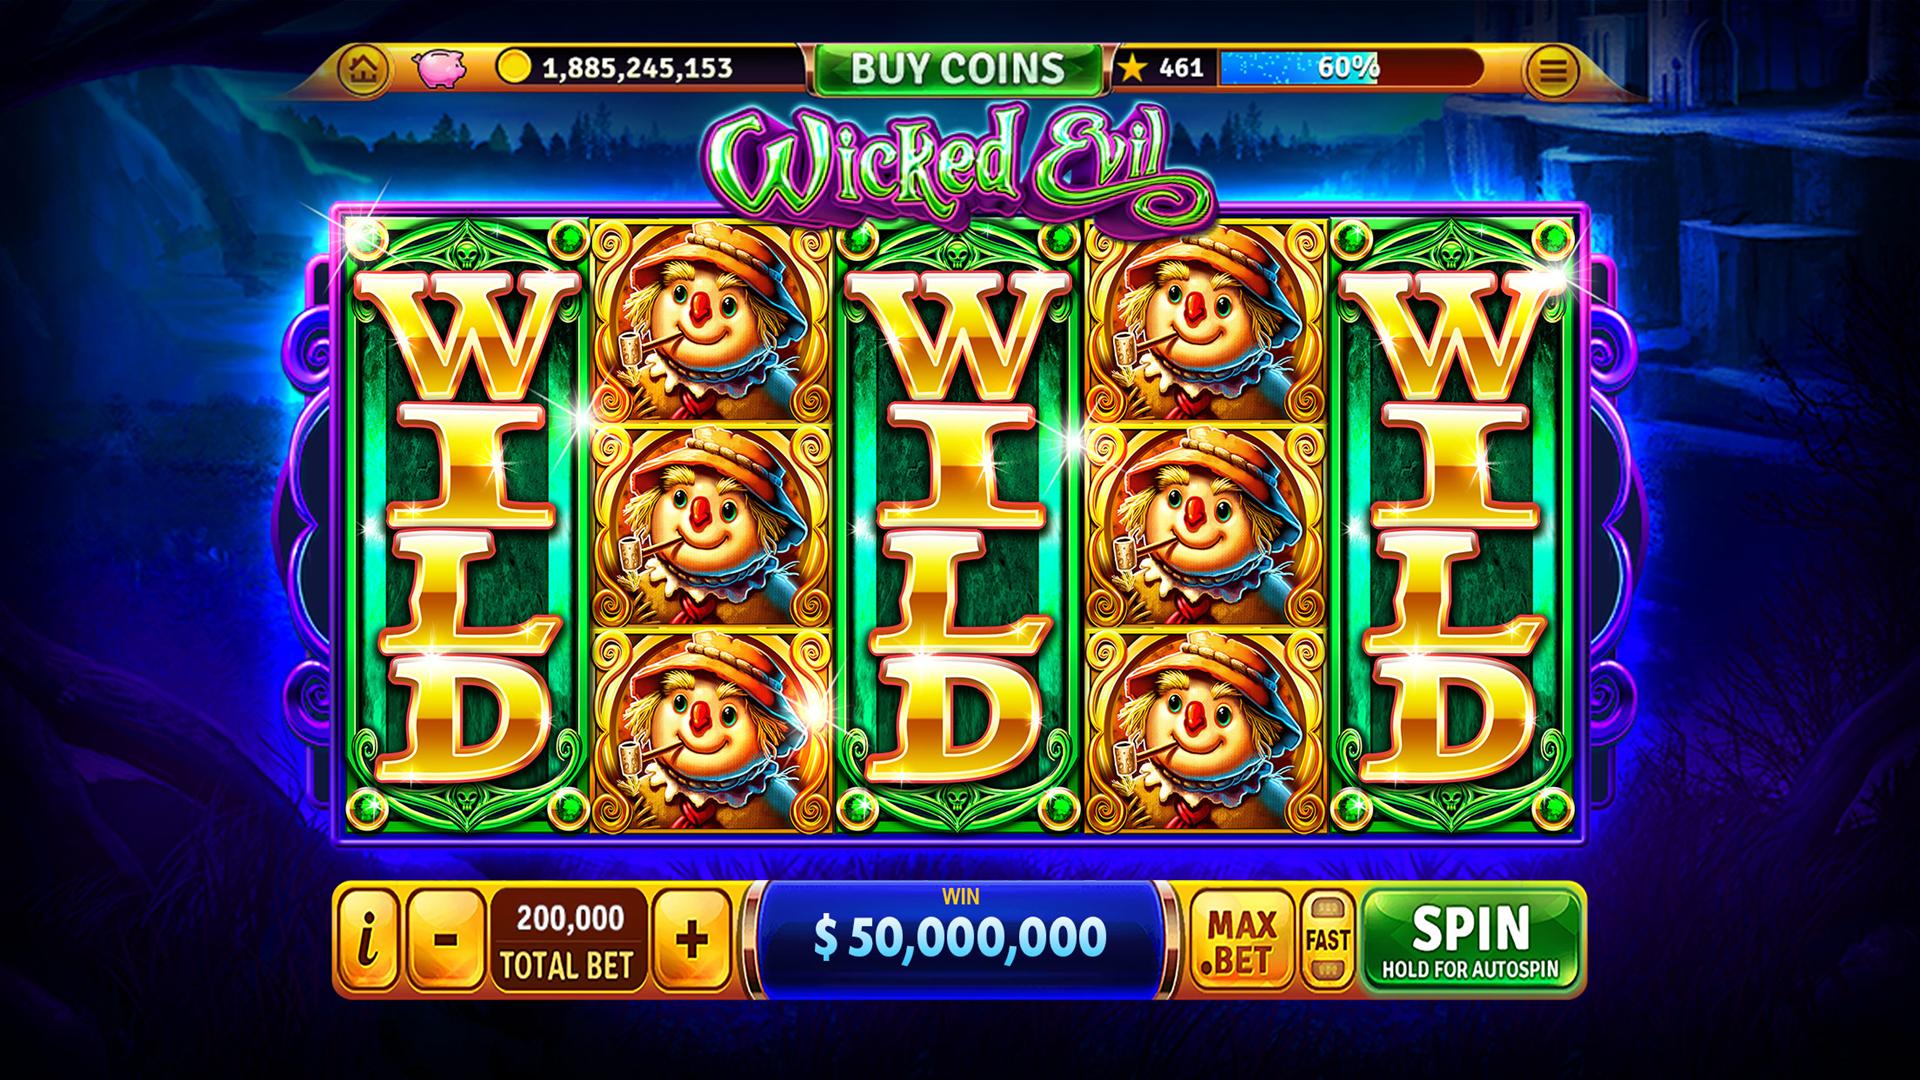 lotto spielen paypal bezahlen